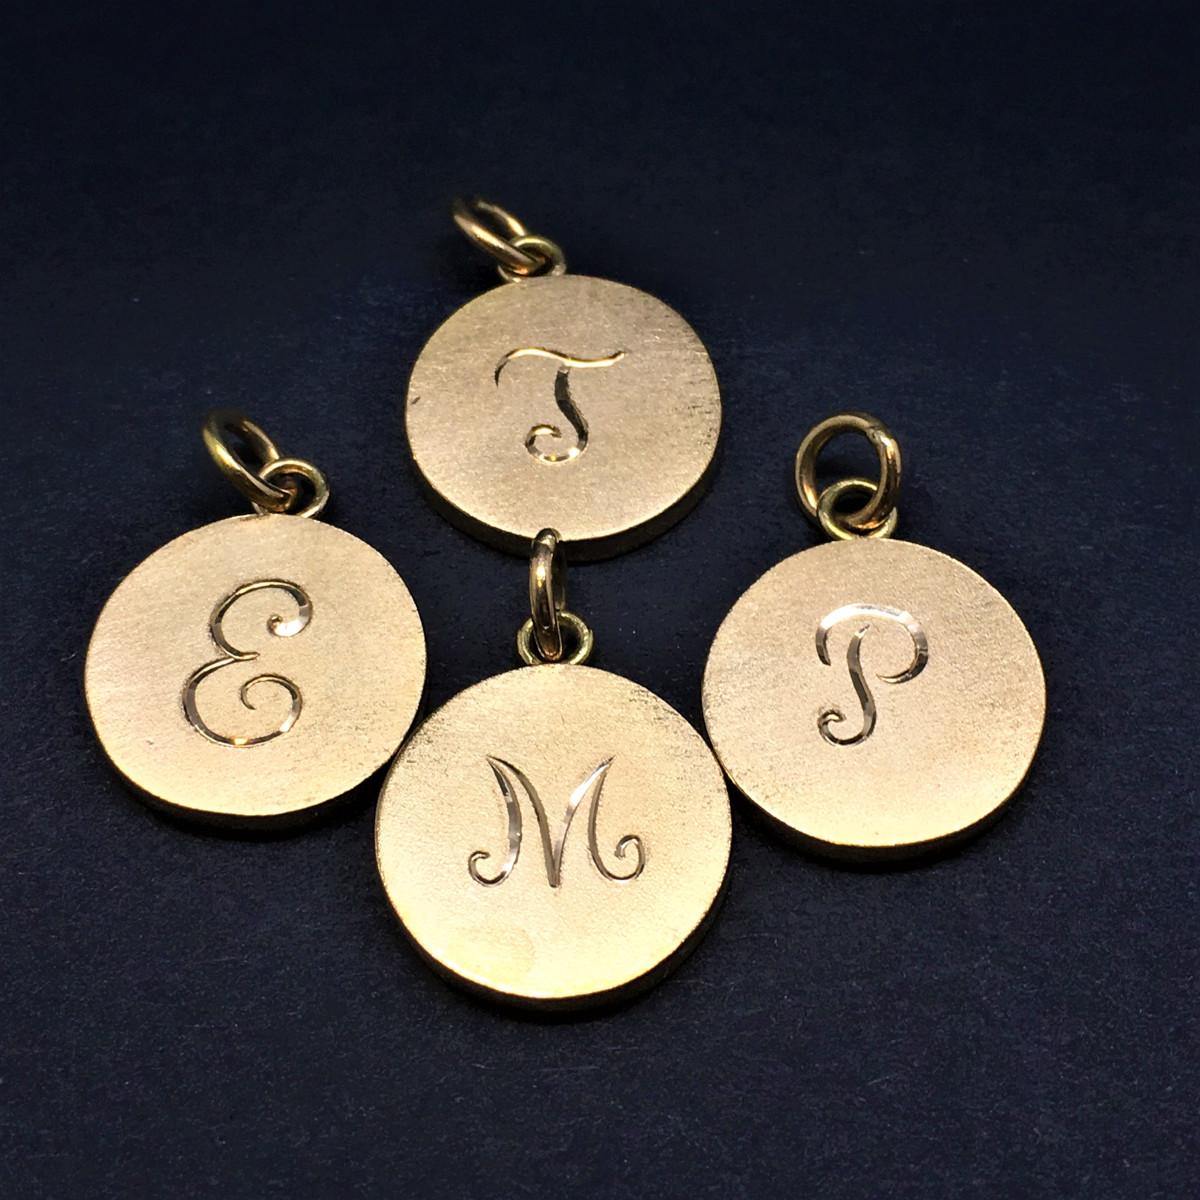 Handgravyr, bokstäver, personliga smycken